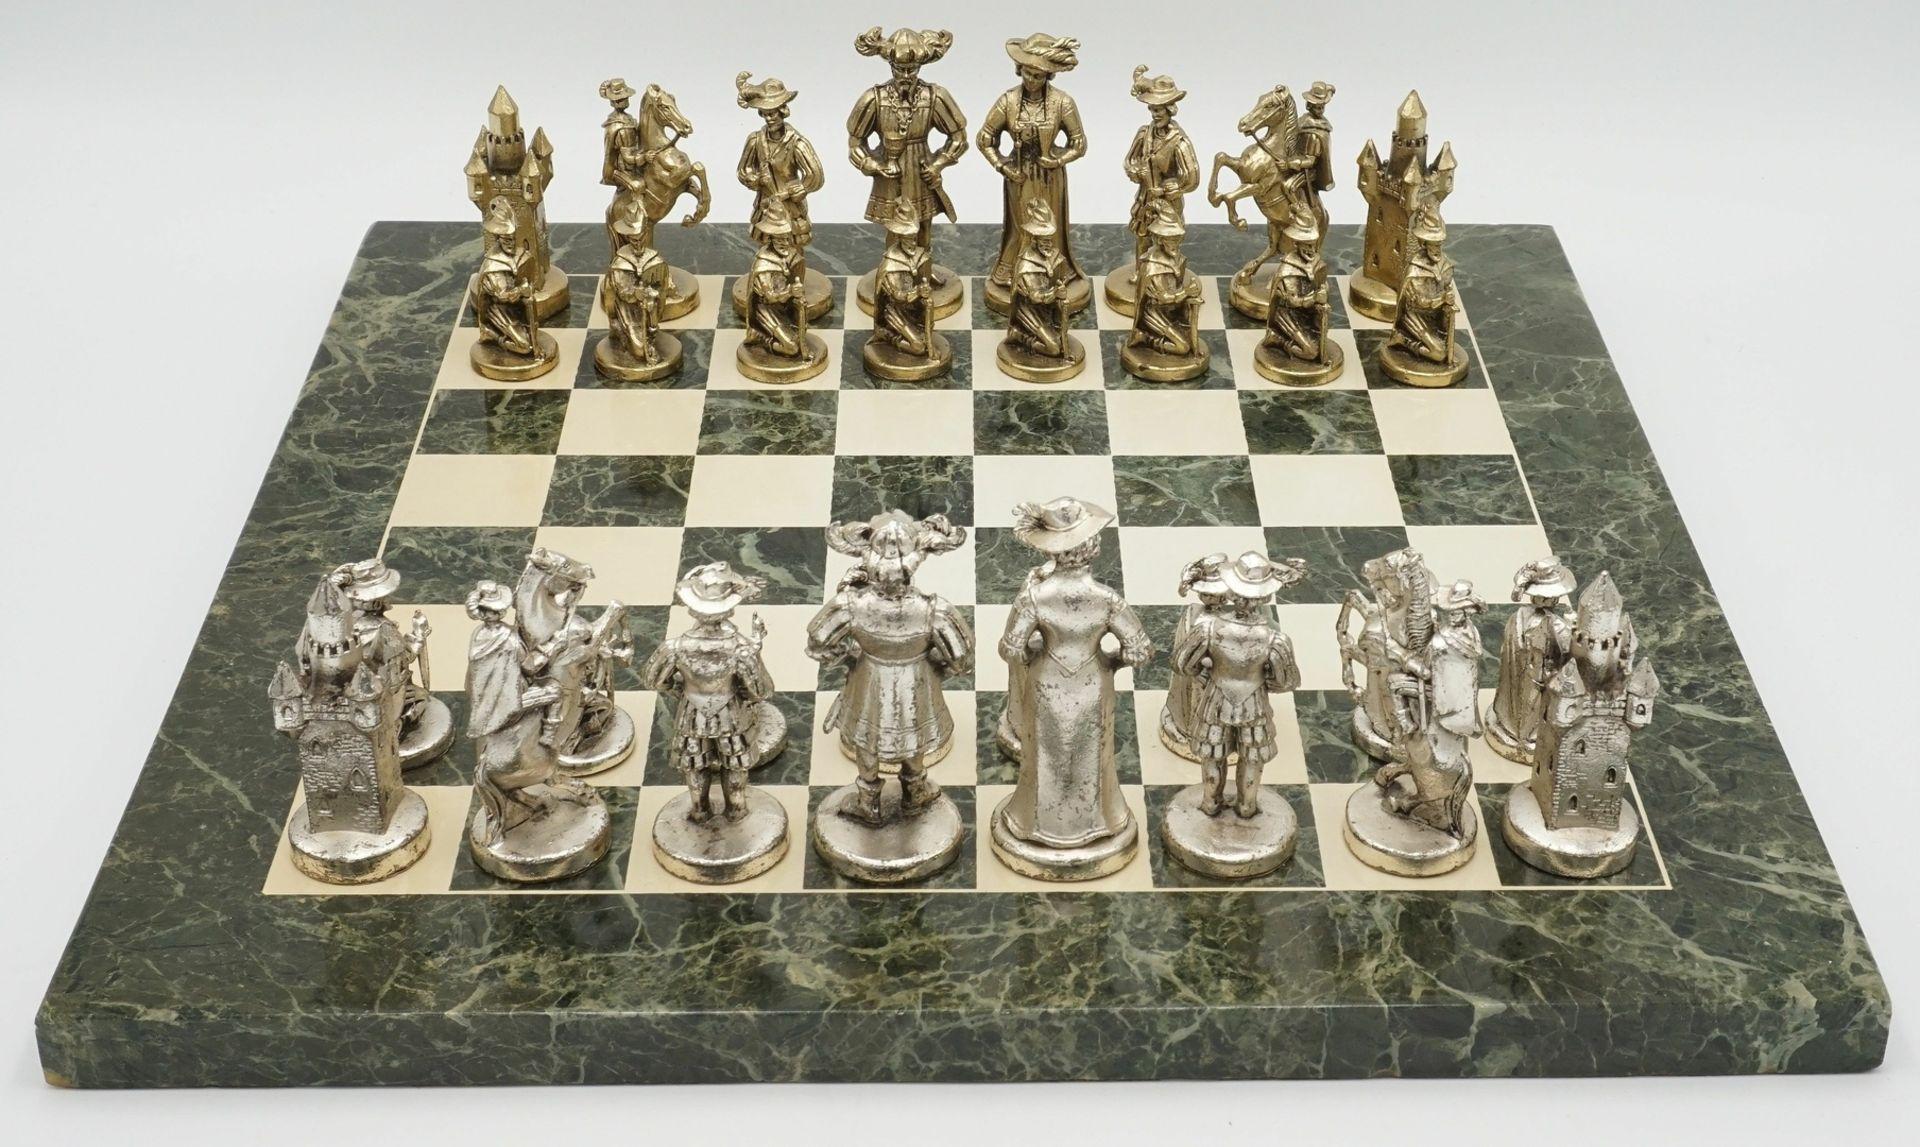 Marmor-Schachbrett mit Figuren in historischem Gewand, Ende 20. Jh.